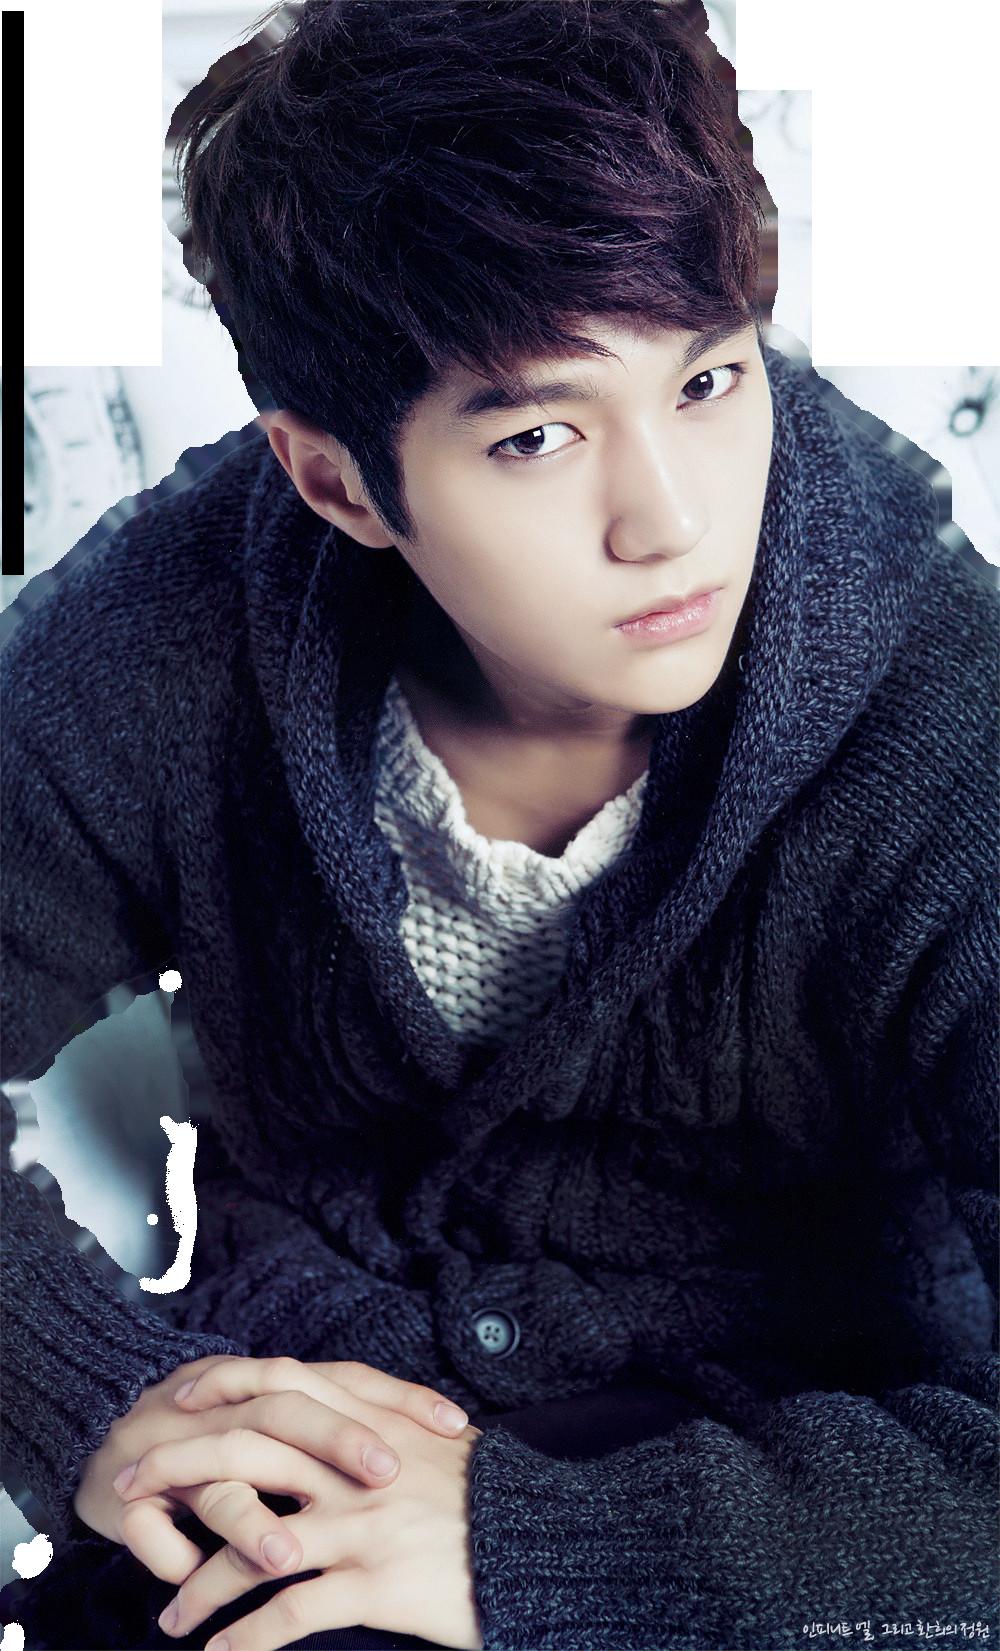 Infinite myungsoo render 3 by kpopforever26-d6ve4ir.png